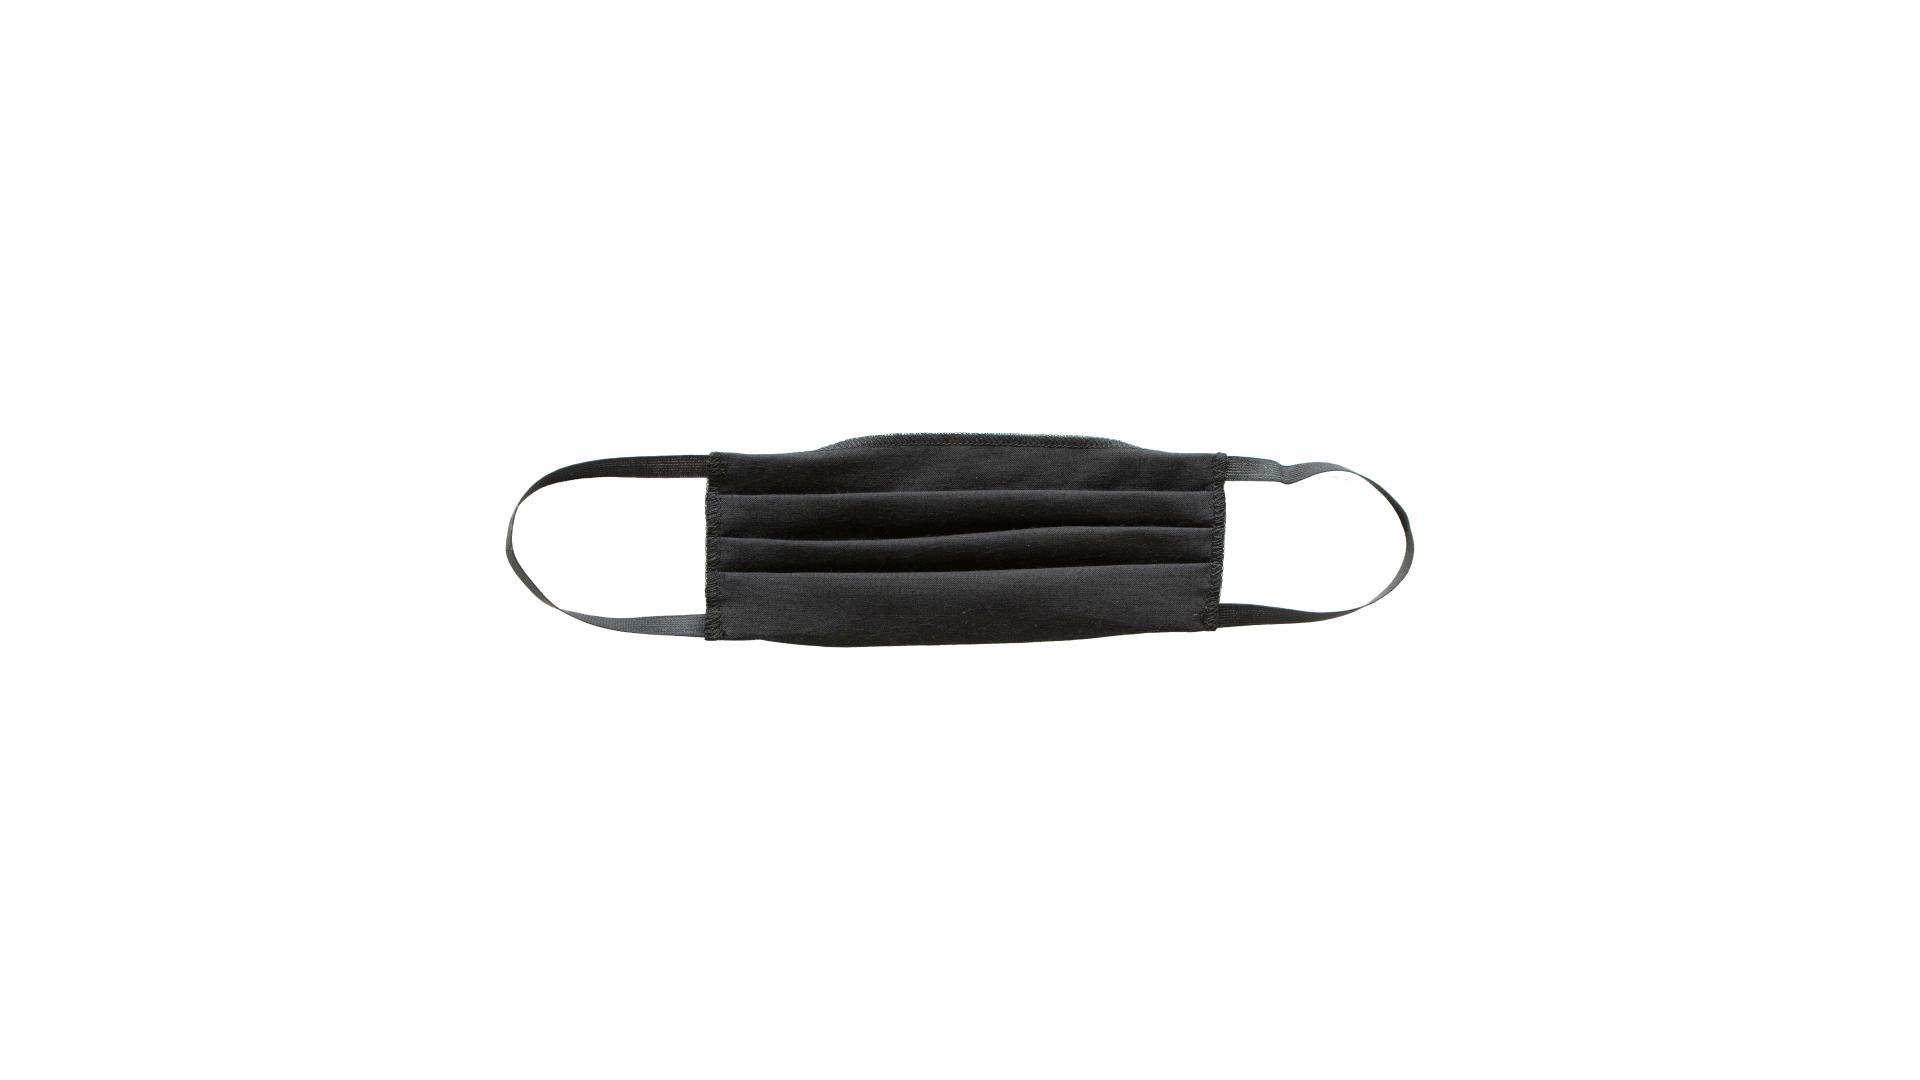 4CARS Dvojvrstvové bavlnené rúško čierne bez vzoru s gumičkou 1ks